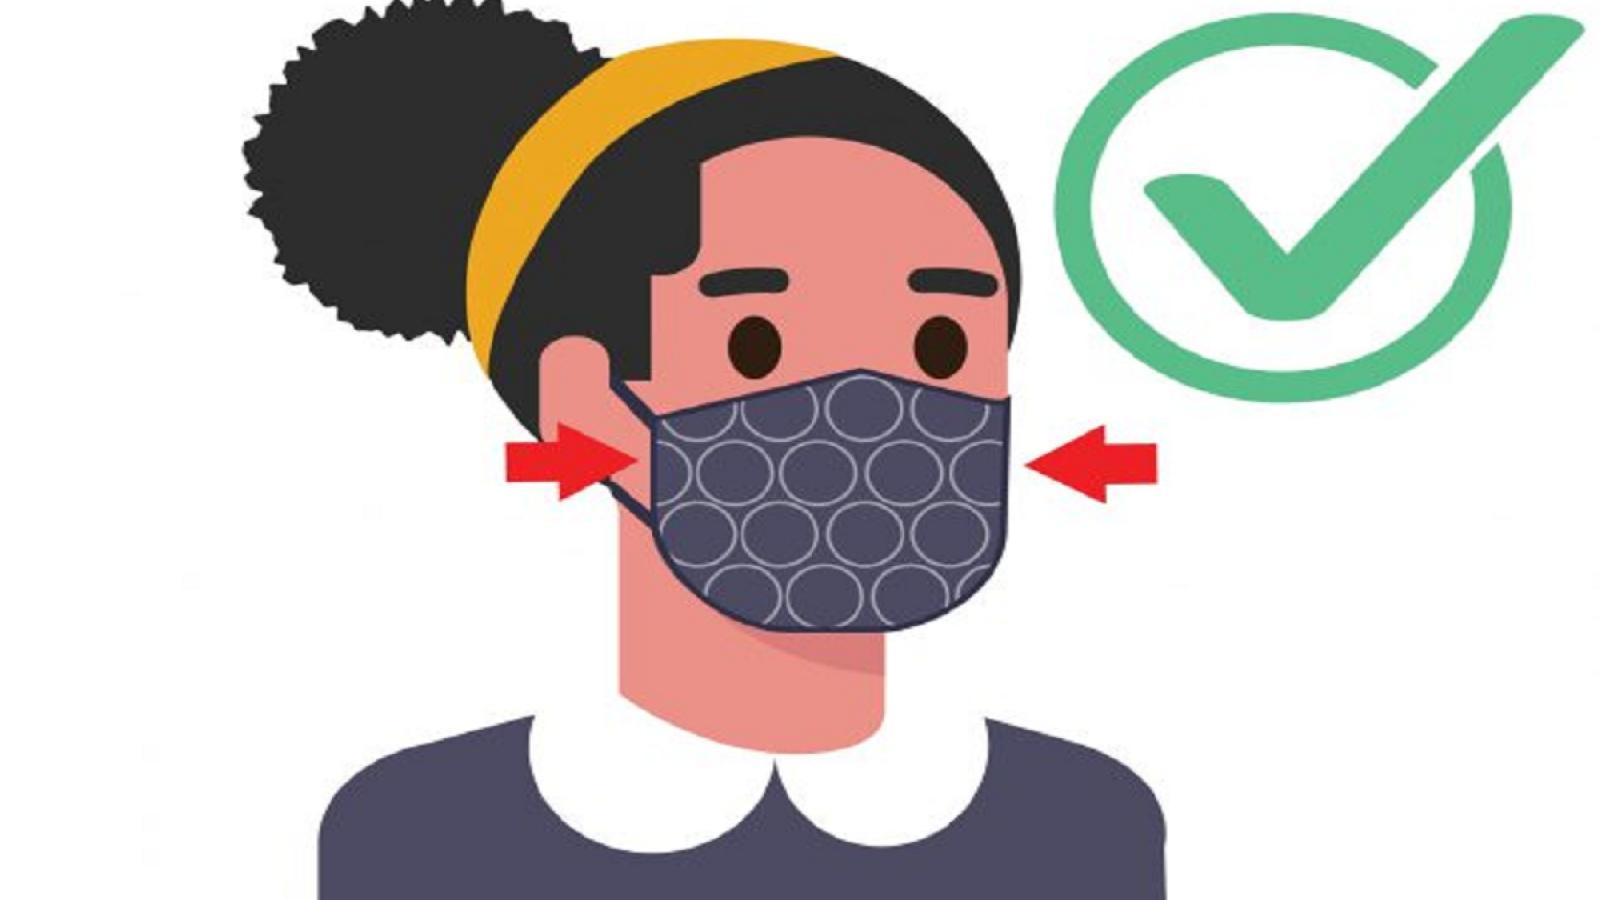 Những điều nên và không nên làm khi đeo khẩu trang để tránh lây nhiễm COVID-19